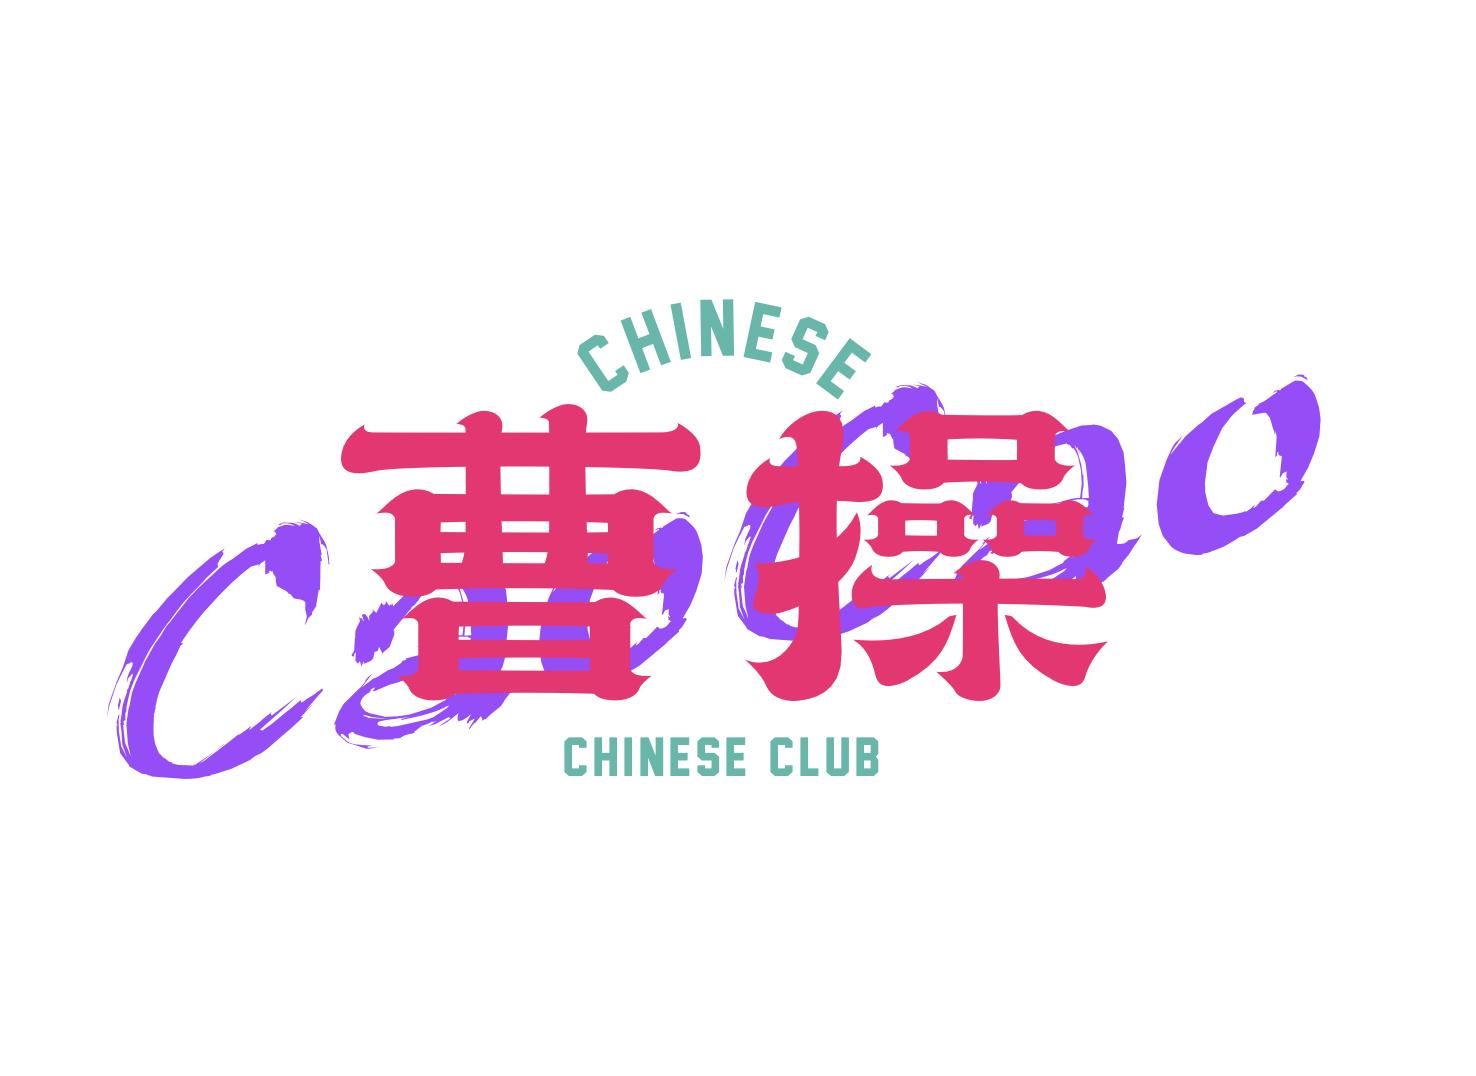 Boss Cao logo